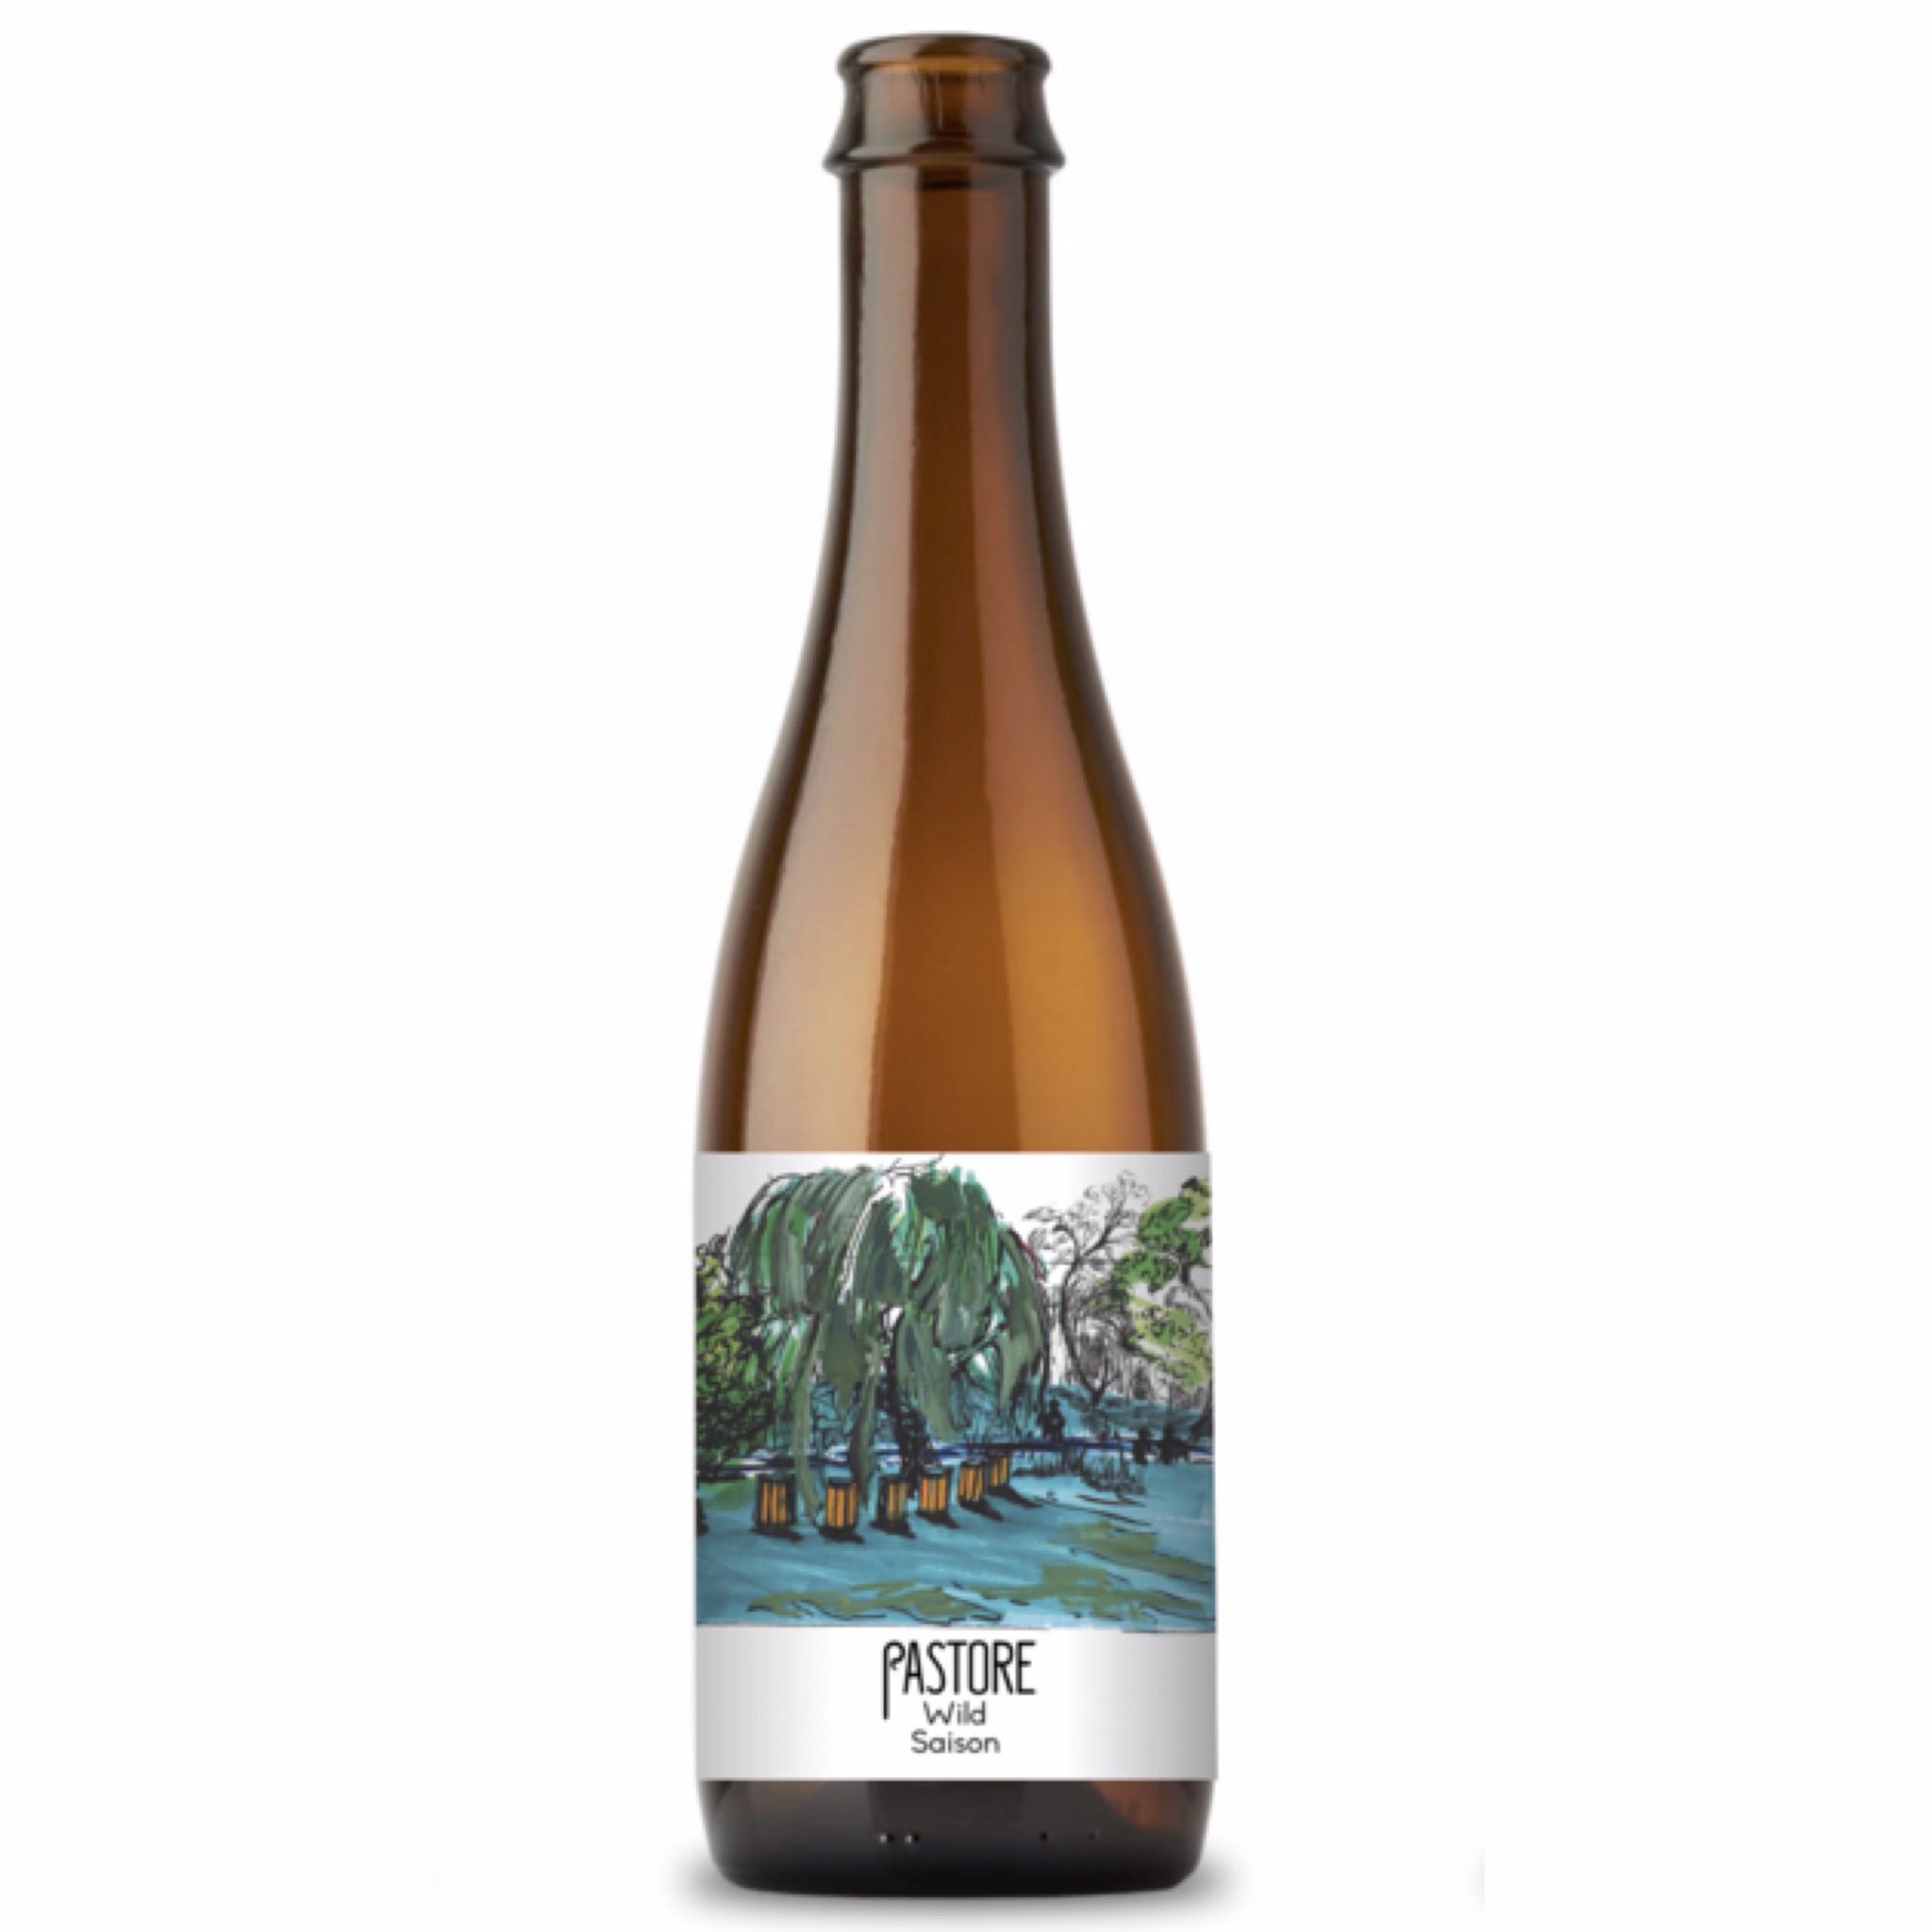 Wild Saison 5.6% 375ml Pastore Brewing & Blending